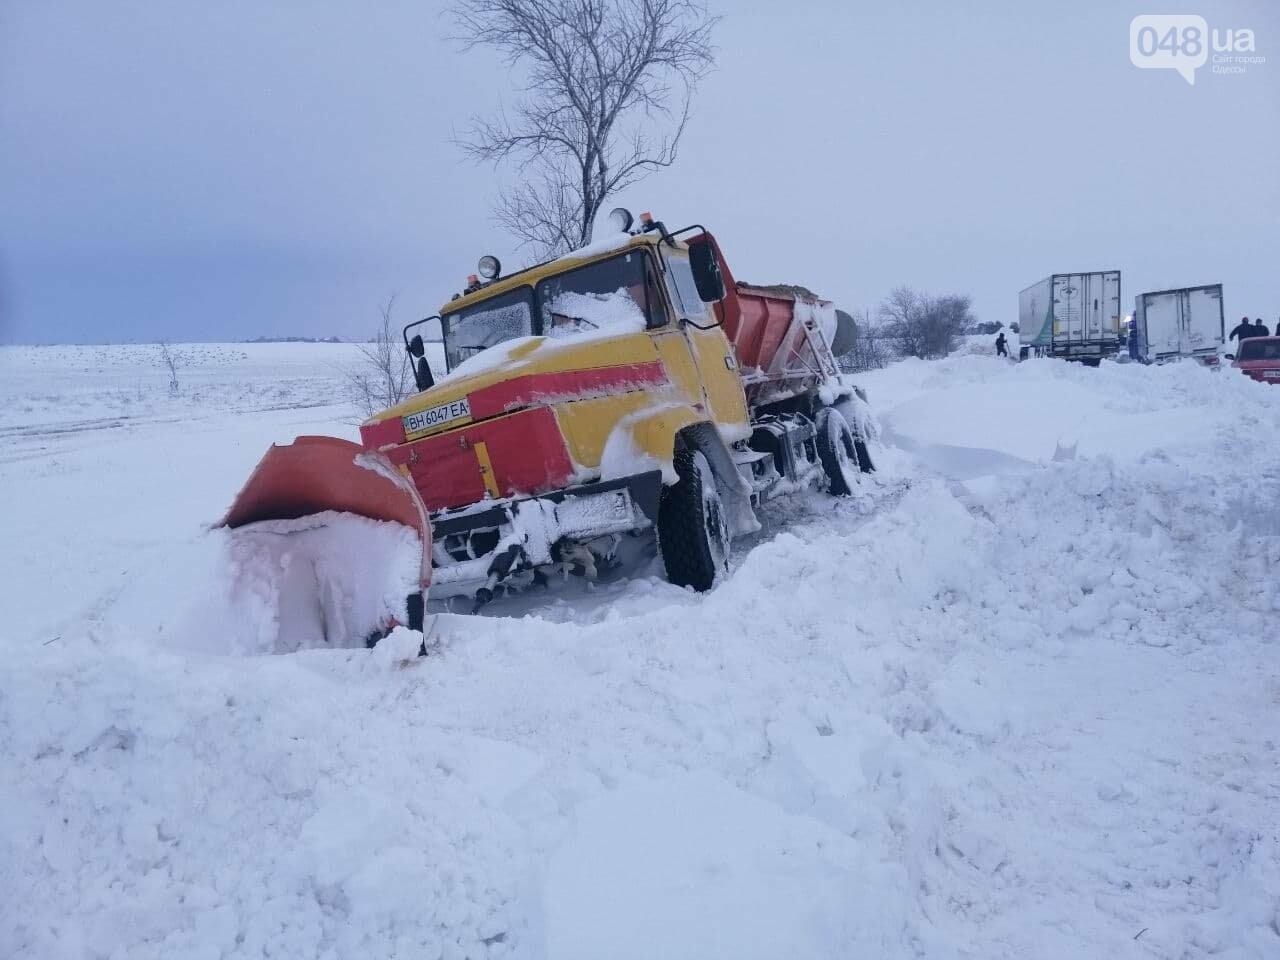 Трасса Одесса-Рени: брошенные автомобили, трактора и сугробы,- ВИДЕО, ФОТО, фото-1